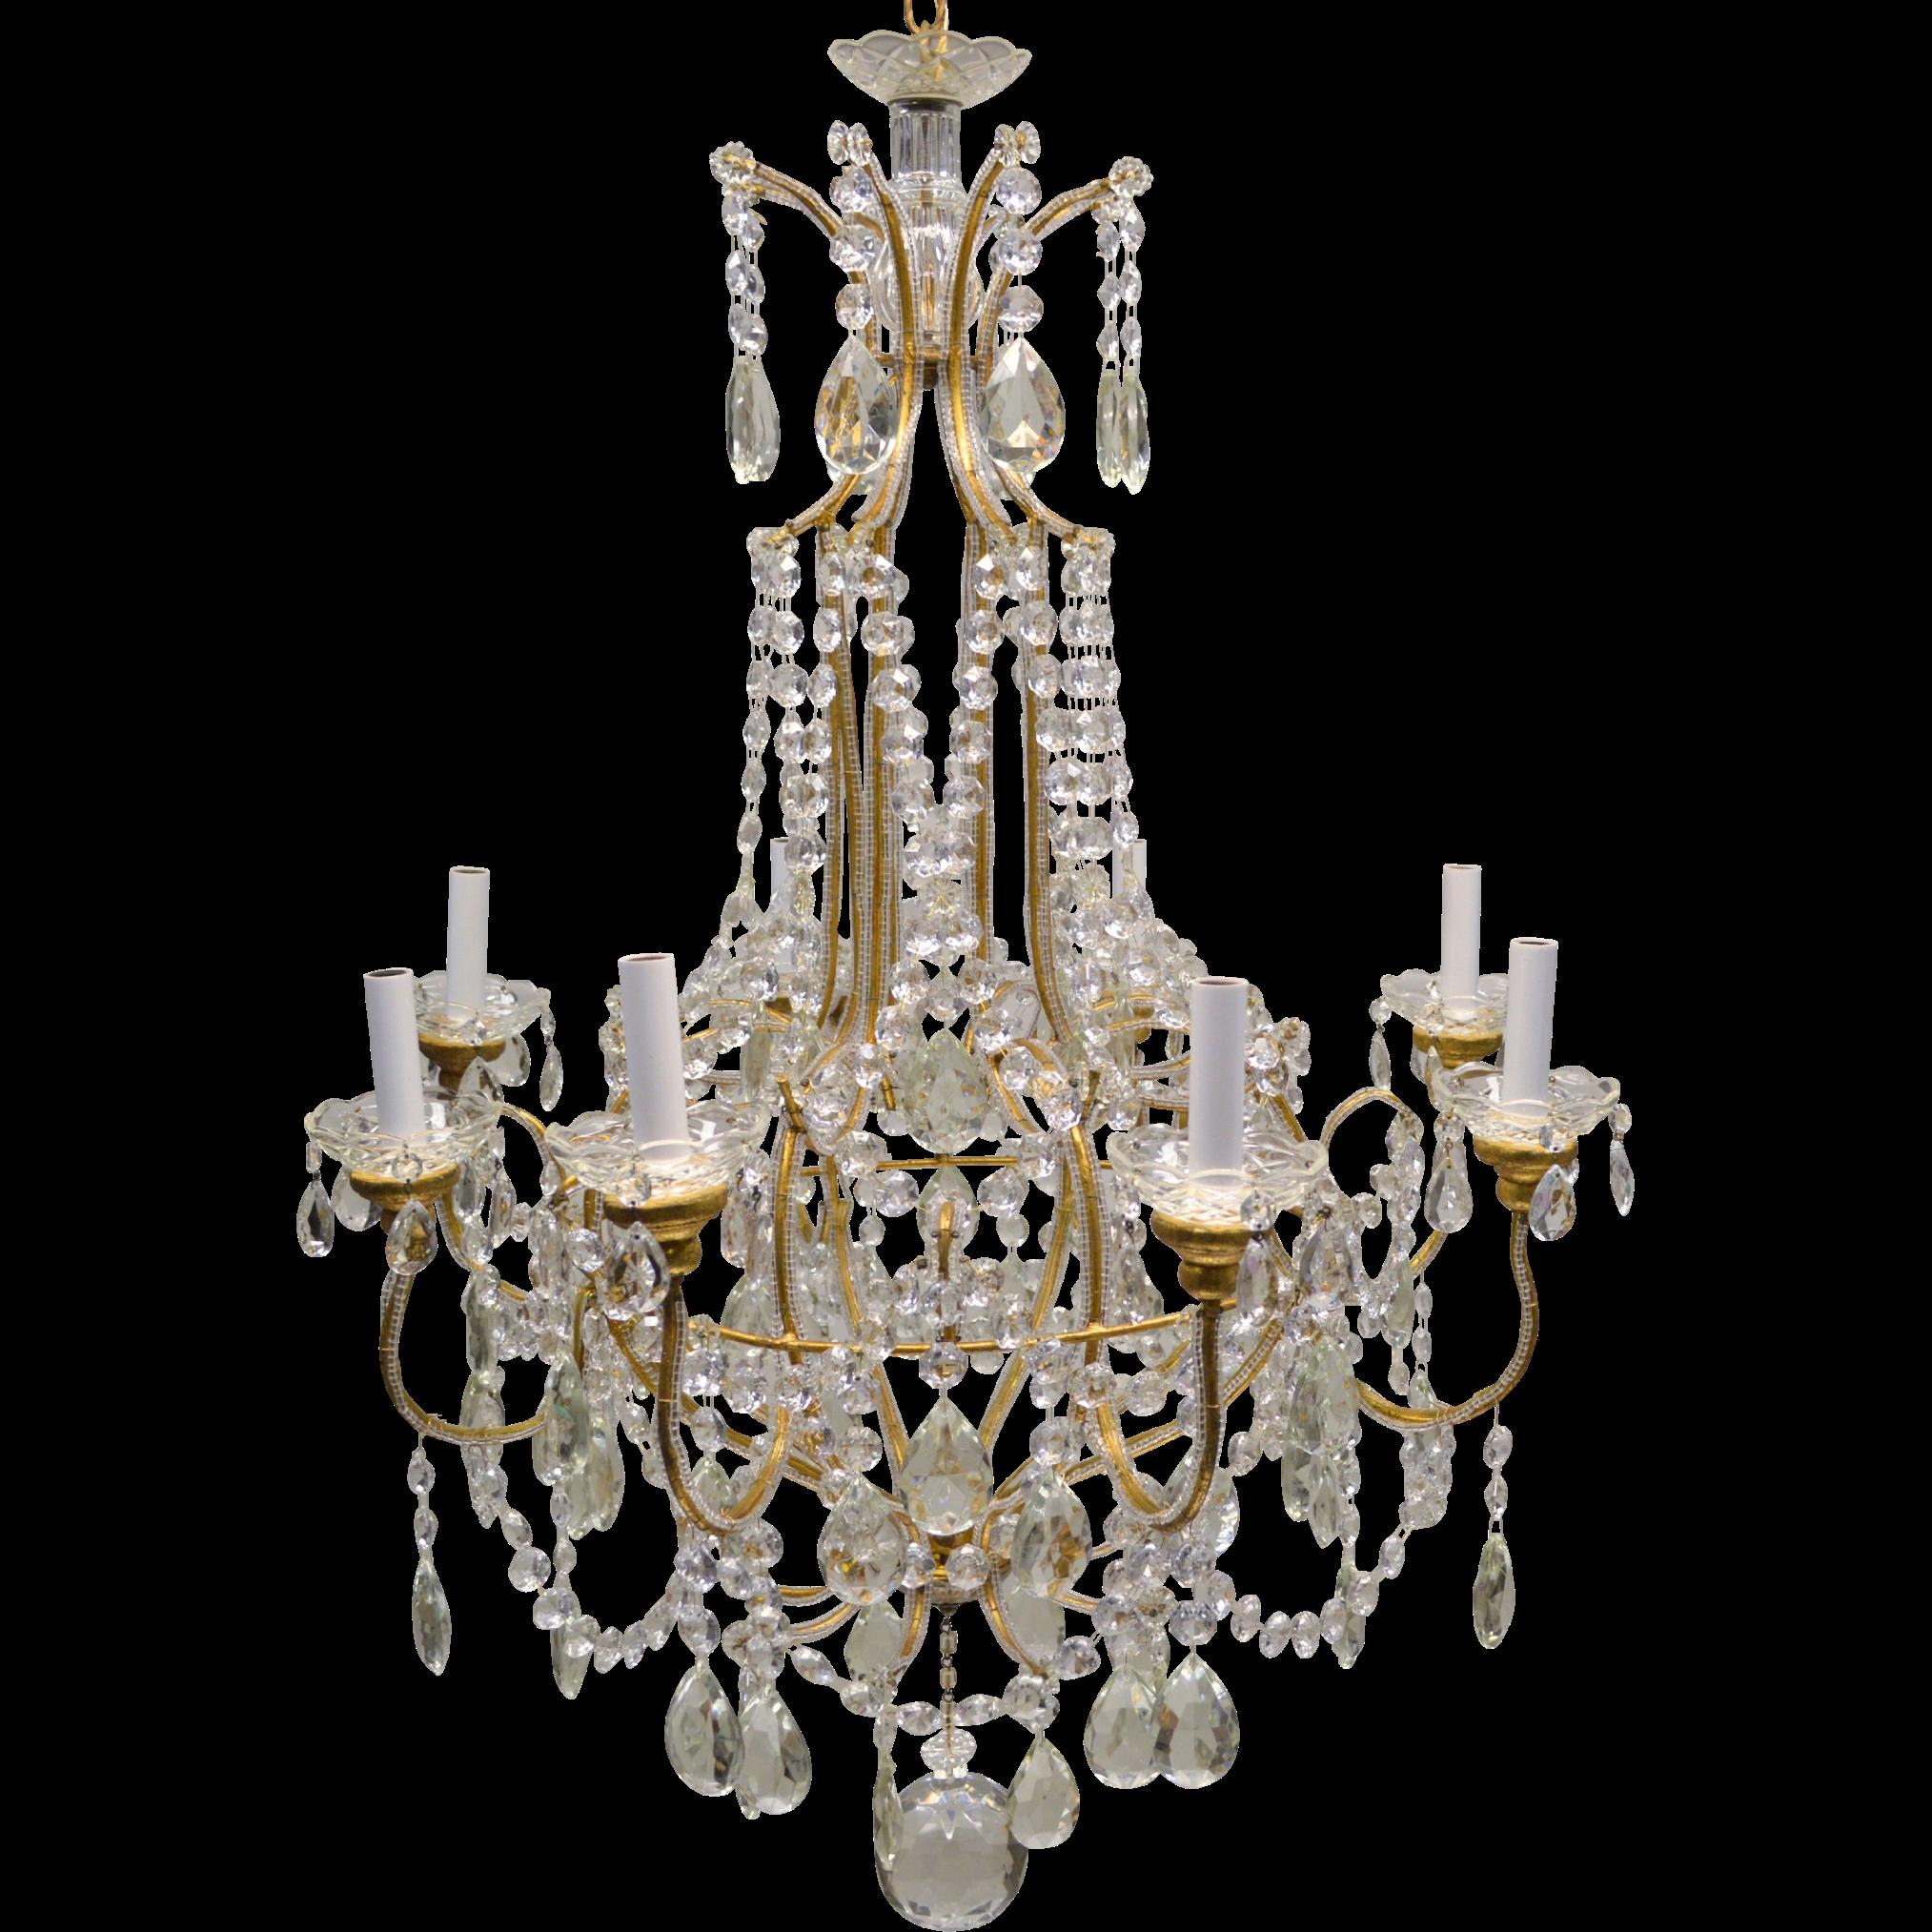 Fandelier crystal